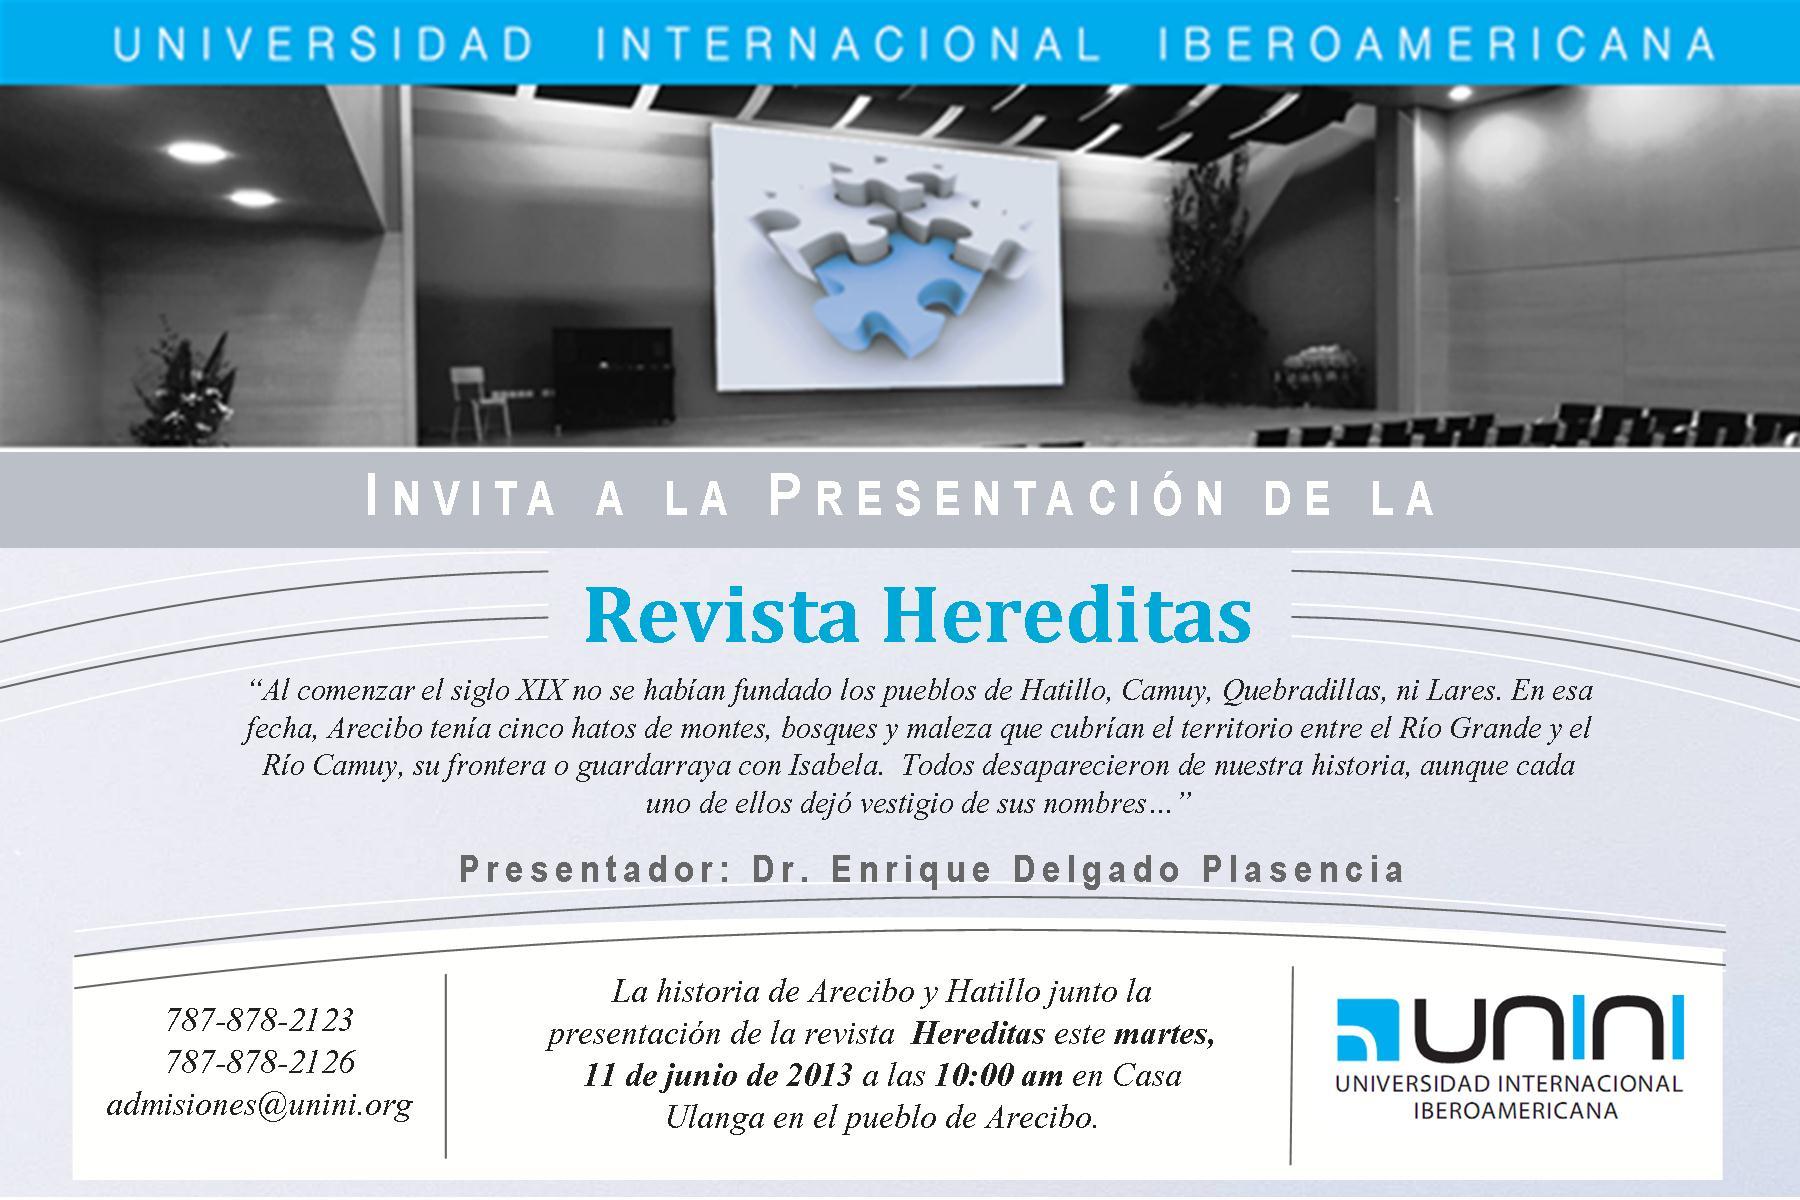 FUNIBER y UNINI Puerto Rico: Presentación de la Revista Hereditas